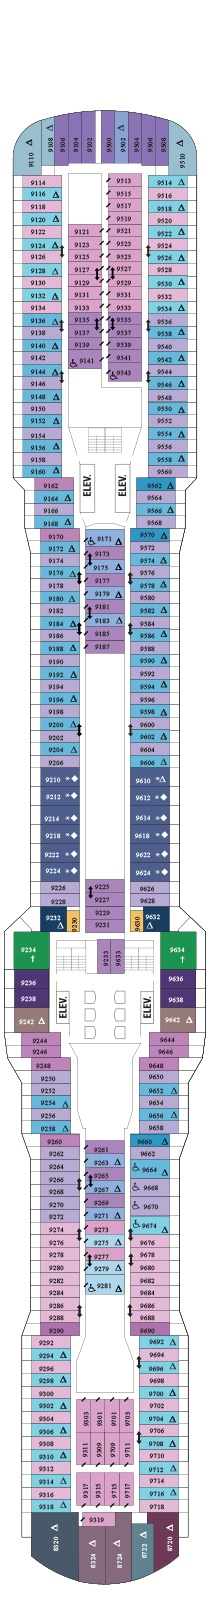 Quantum of the Seas Deck 9